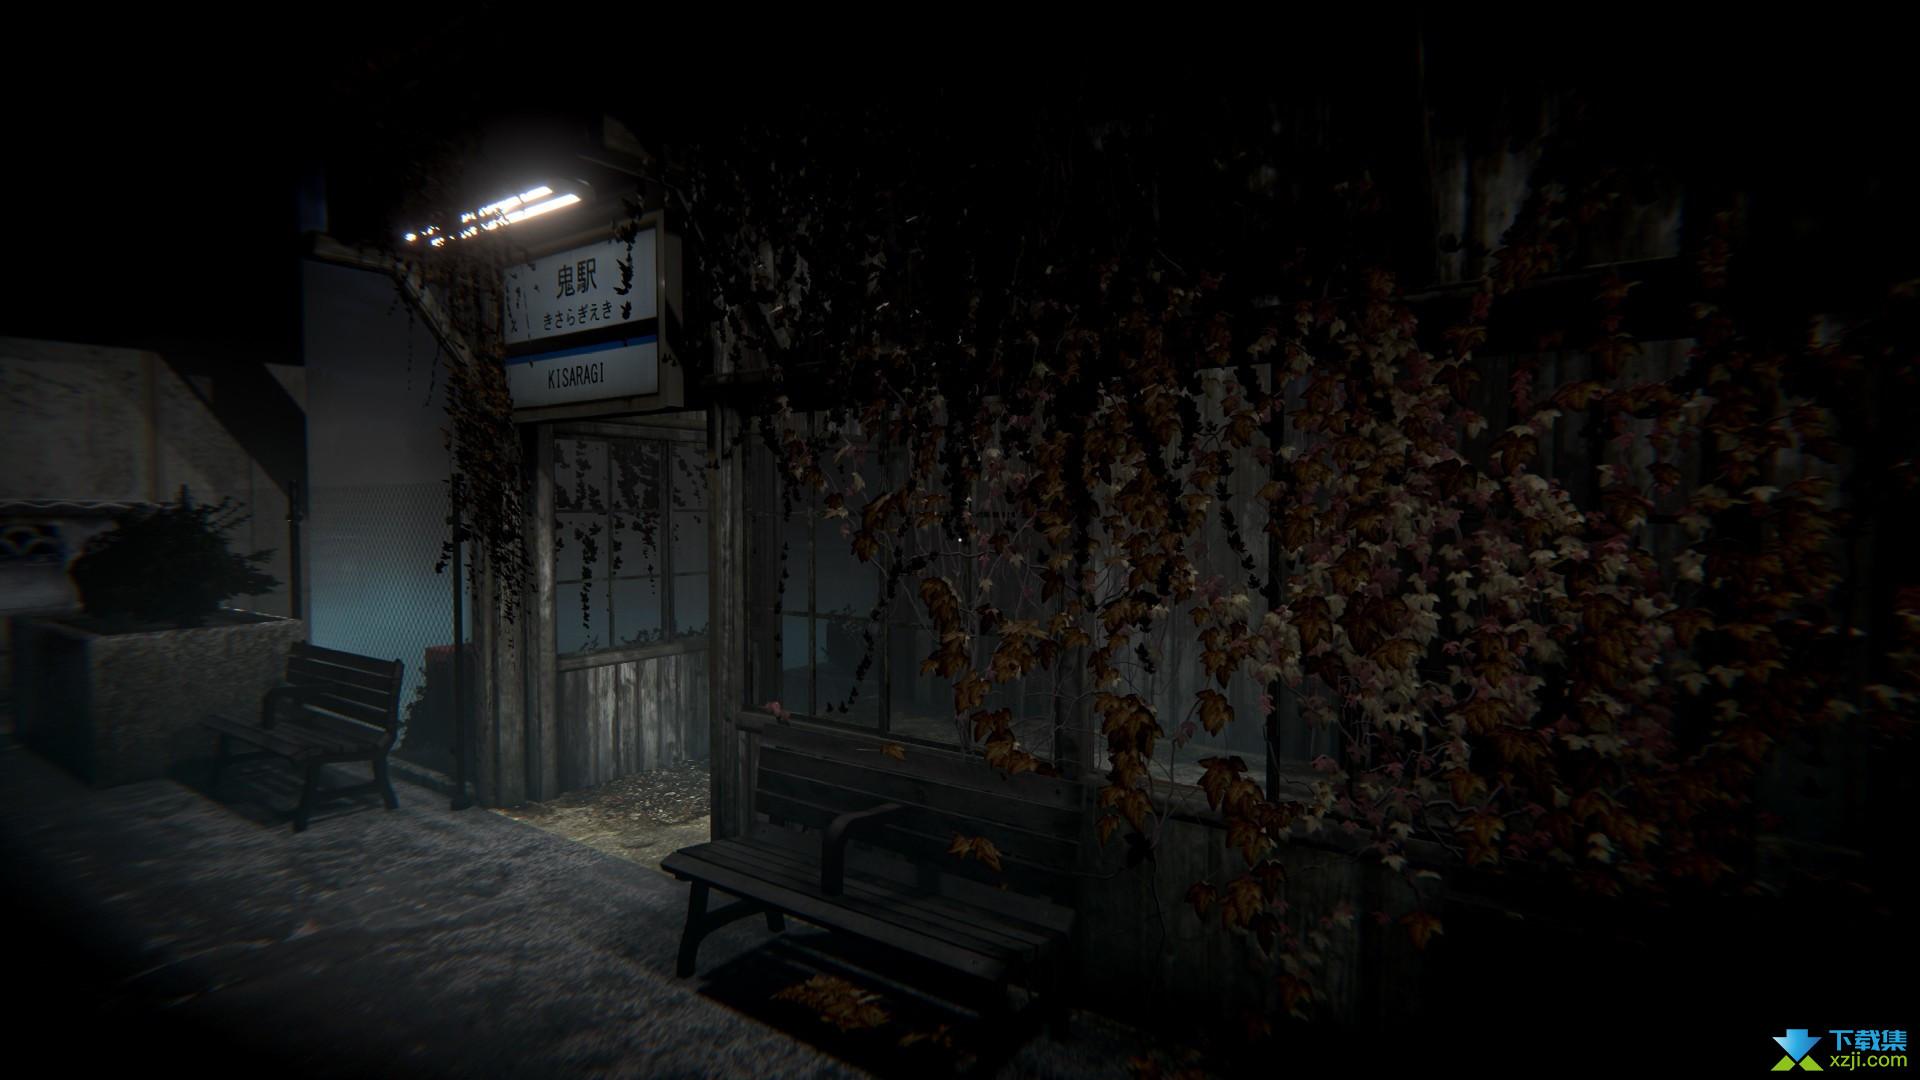 幽灵列车界面